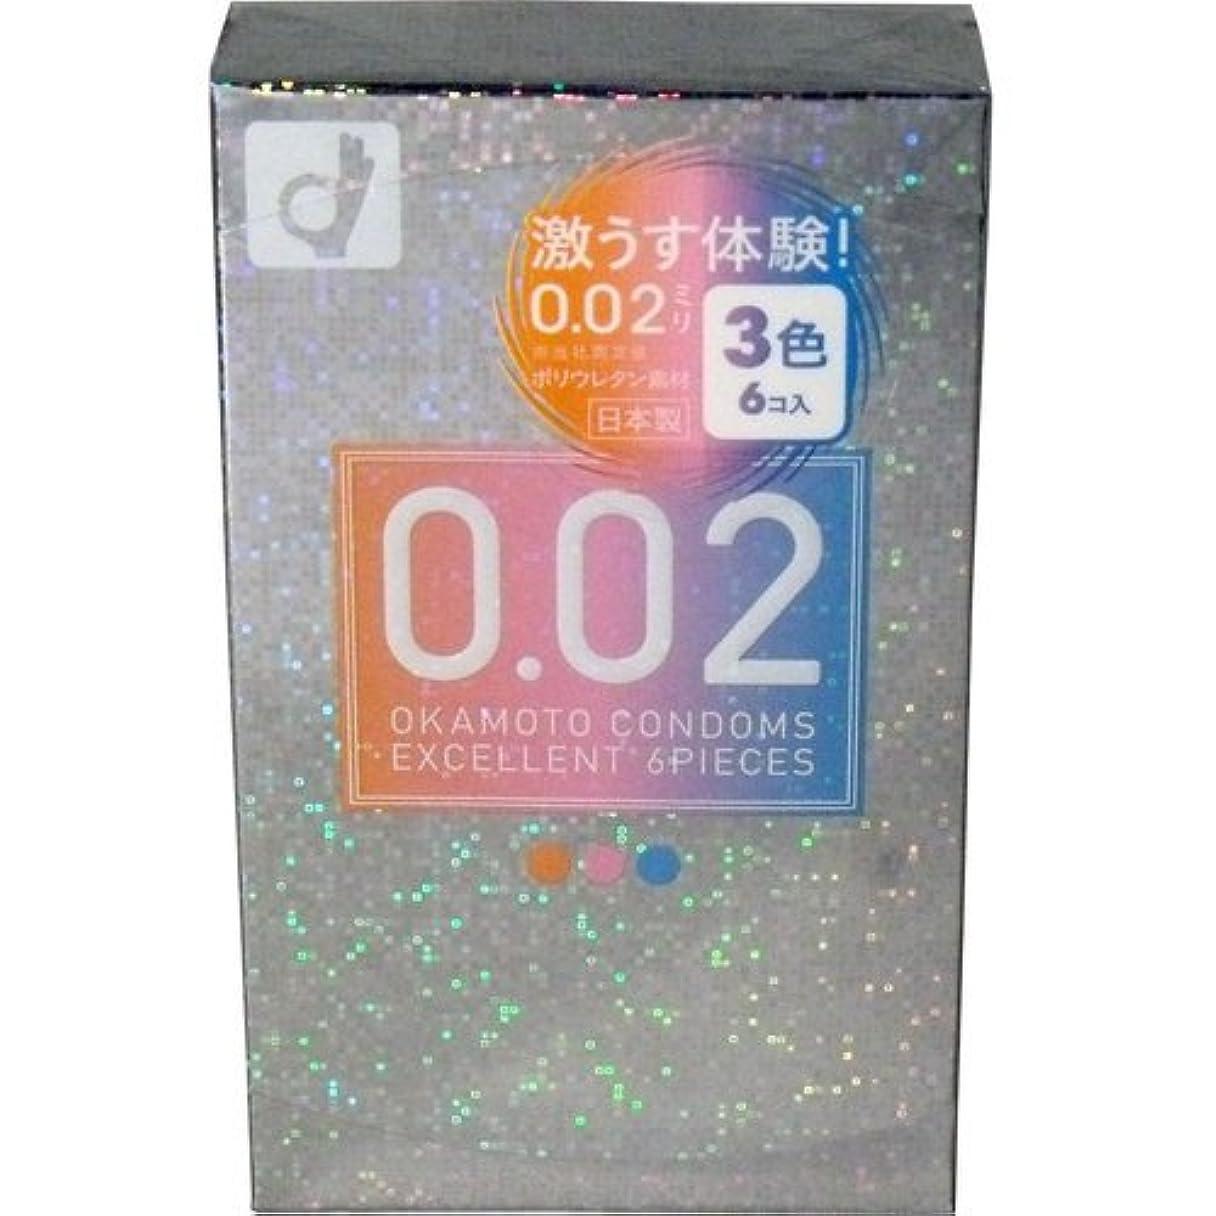 オカモトコンドームズ 0.02EX(エクセレント) カラー3色 6個入  ×10個セット